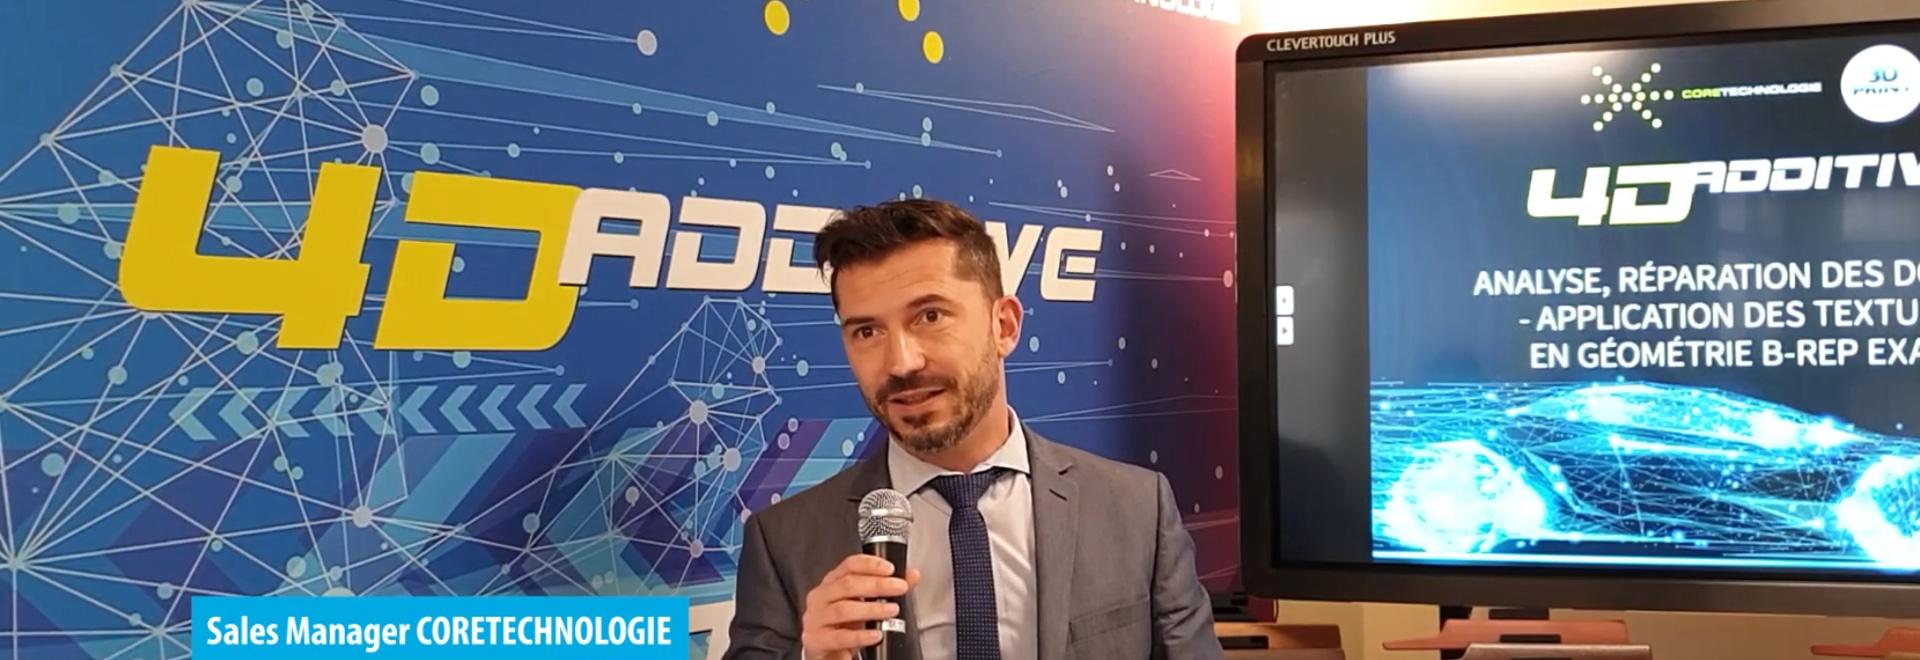 Interview mit Jérôme Renard und Georges Teiti, Vertriebsentwickler für CoreTechnologie